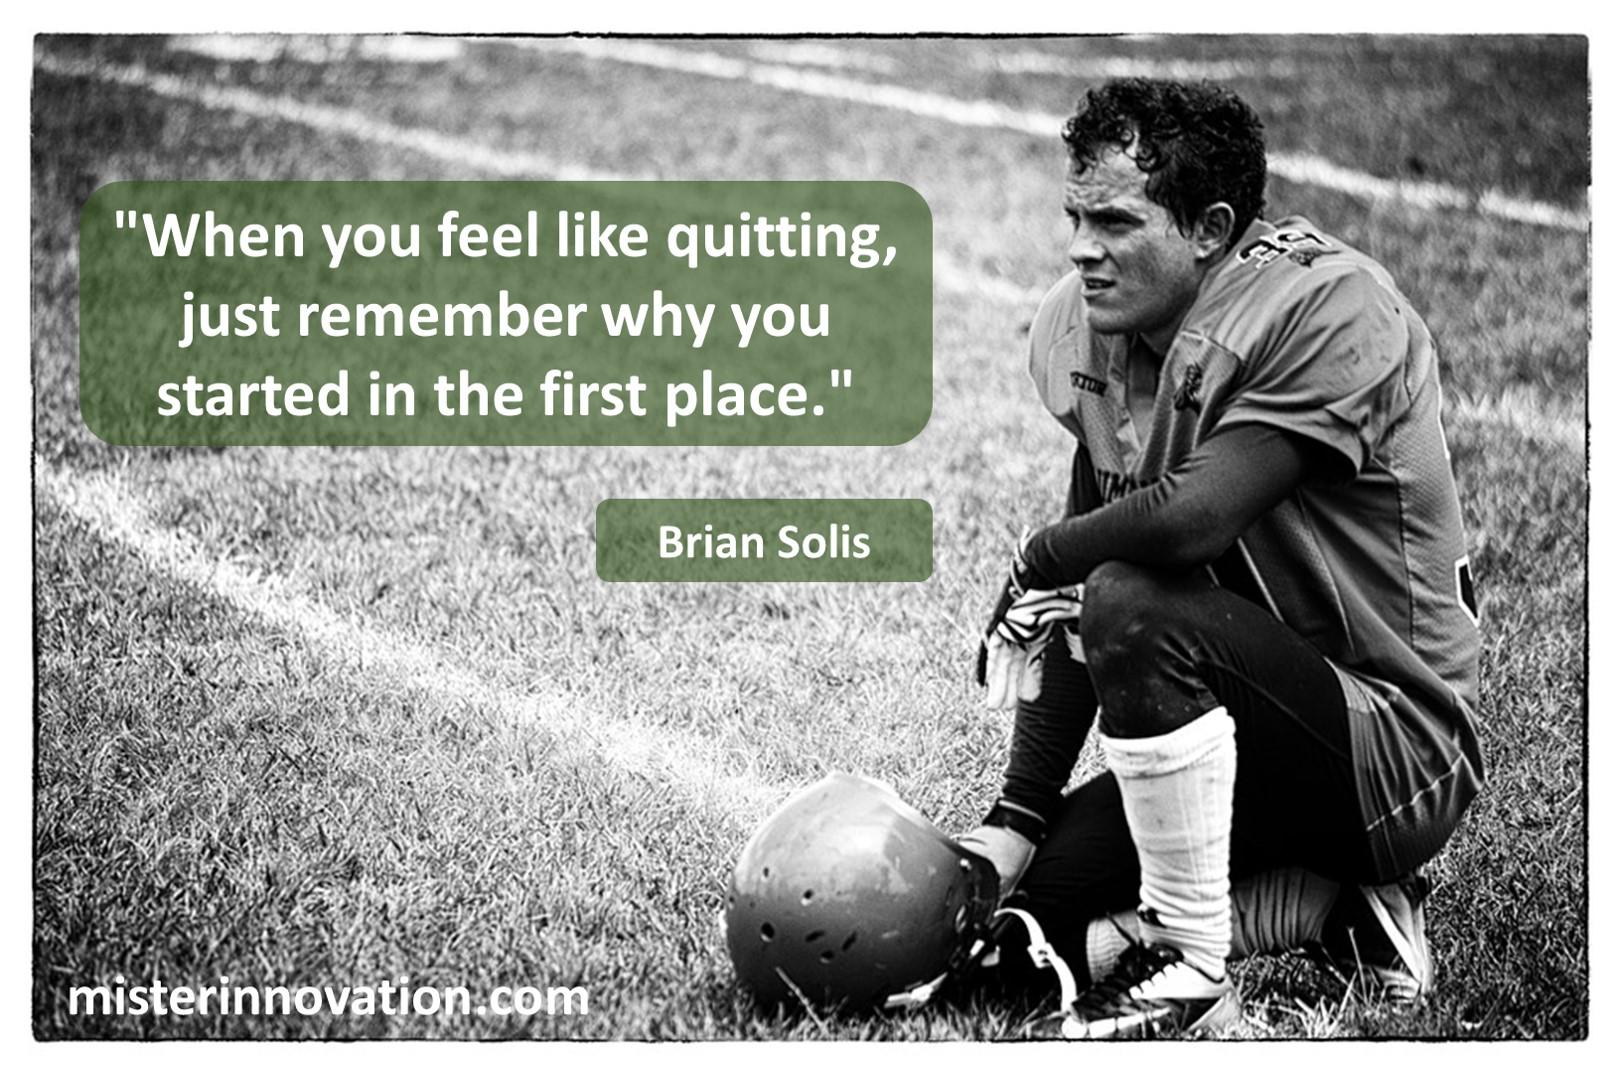 Brian Solis Quitting